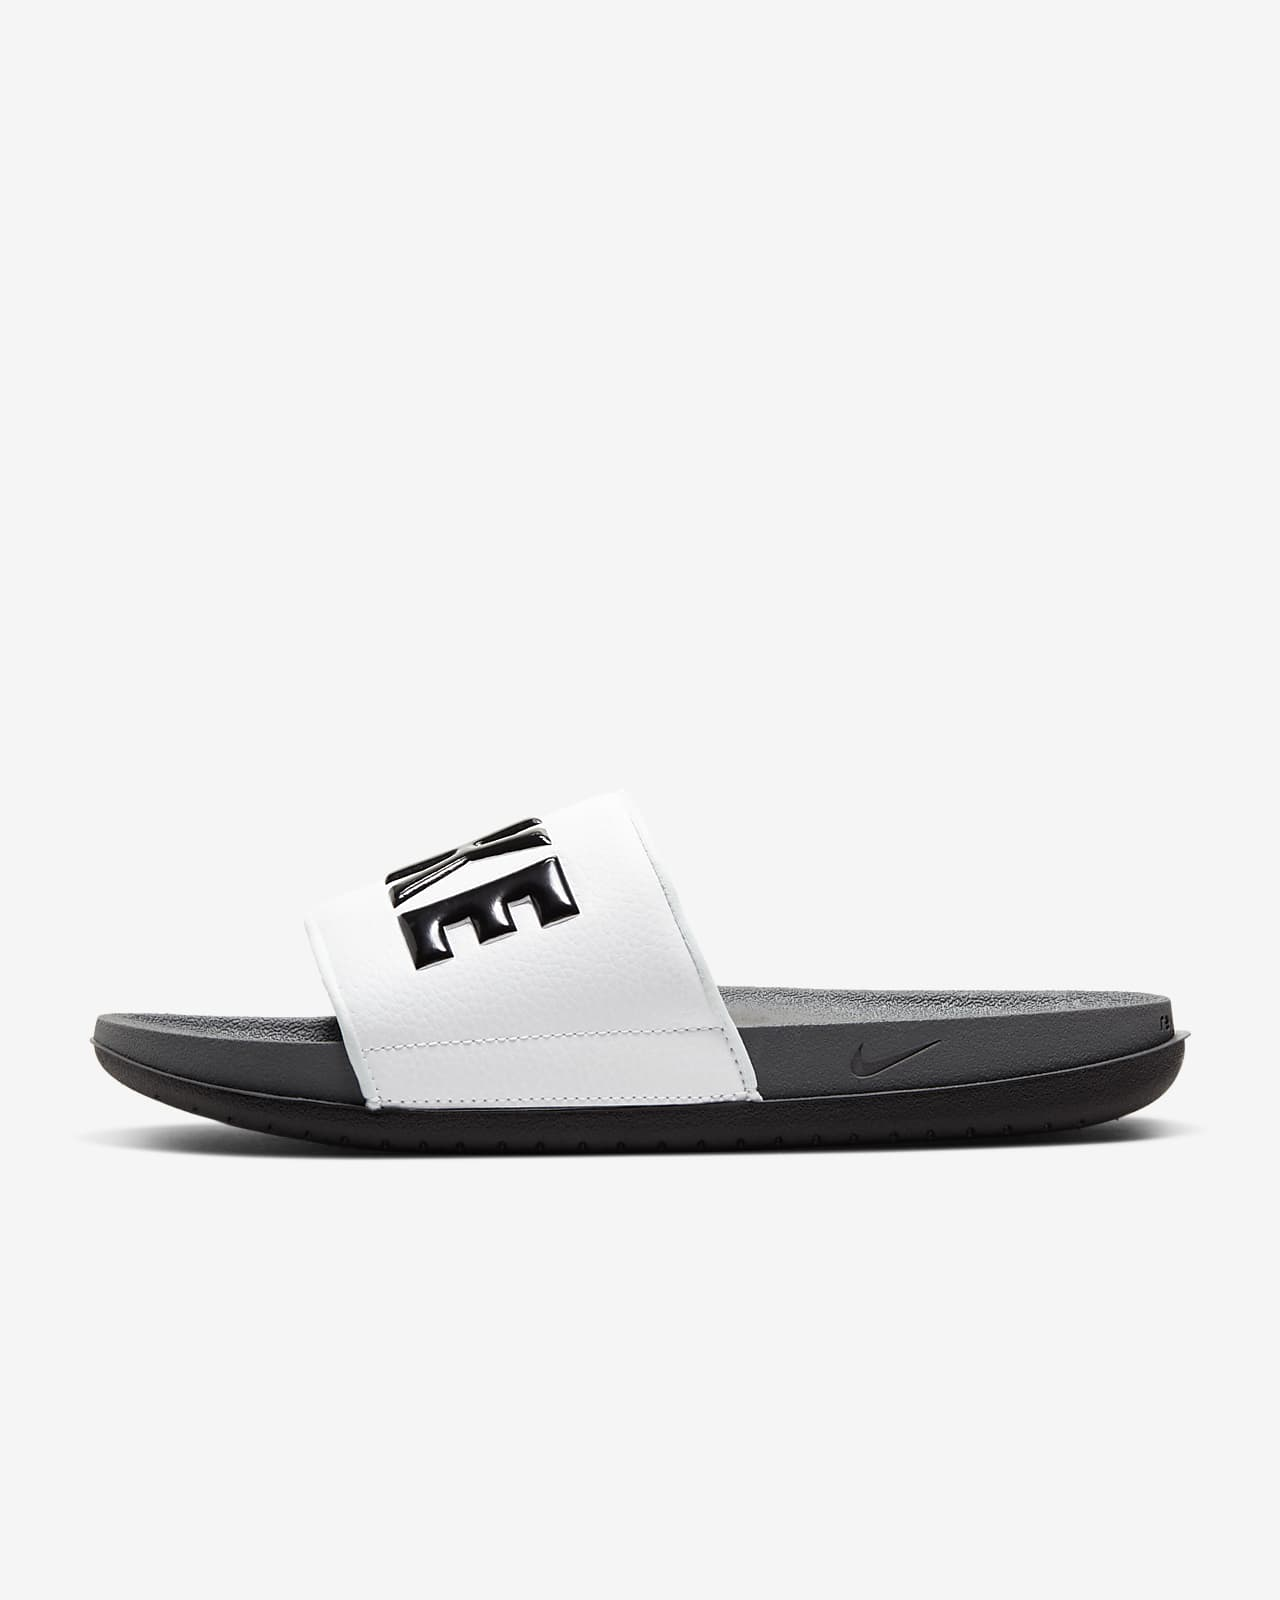 Nike Offcourt Herren-Slide